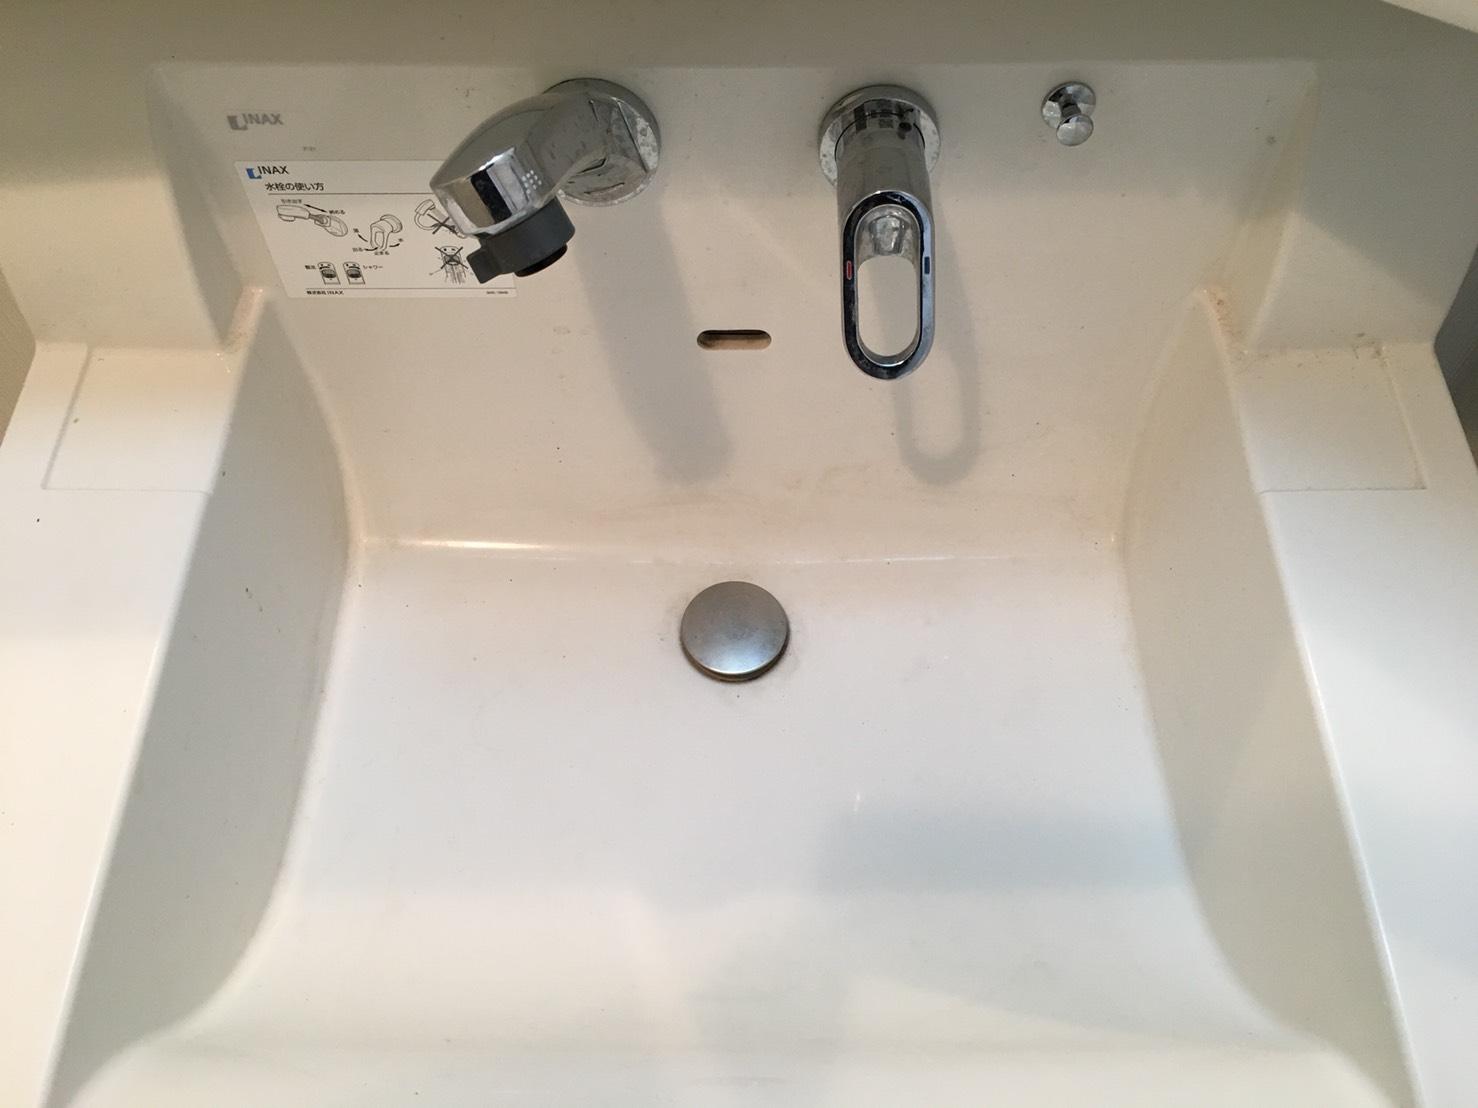 伊丹市 洗面所・洗面台を隅々までピカピカにお掃除いたします!お客様が笑顔になっていただけるように!ハウスクリーニングはおそうじプラス